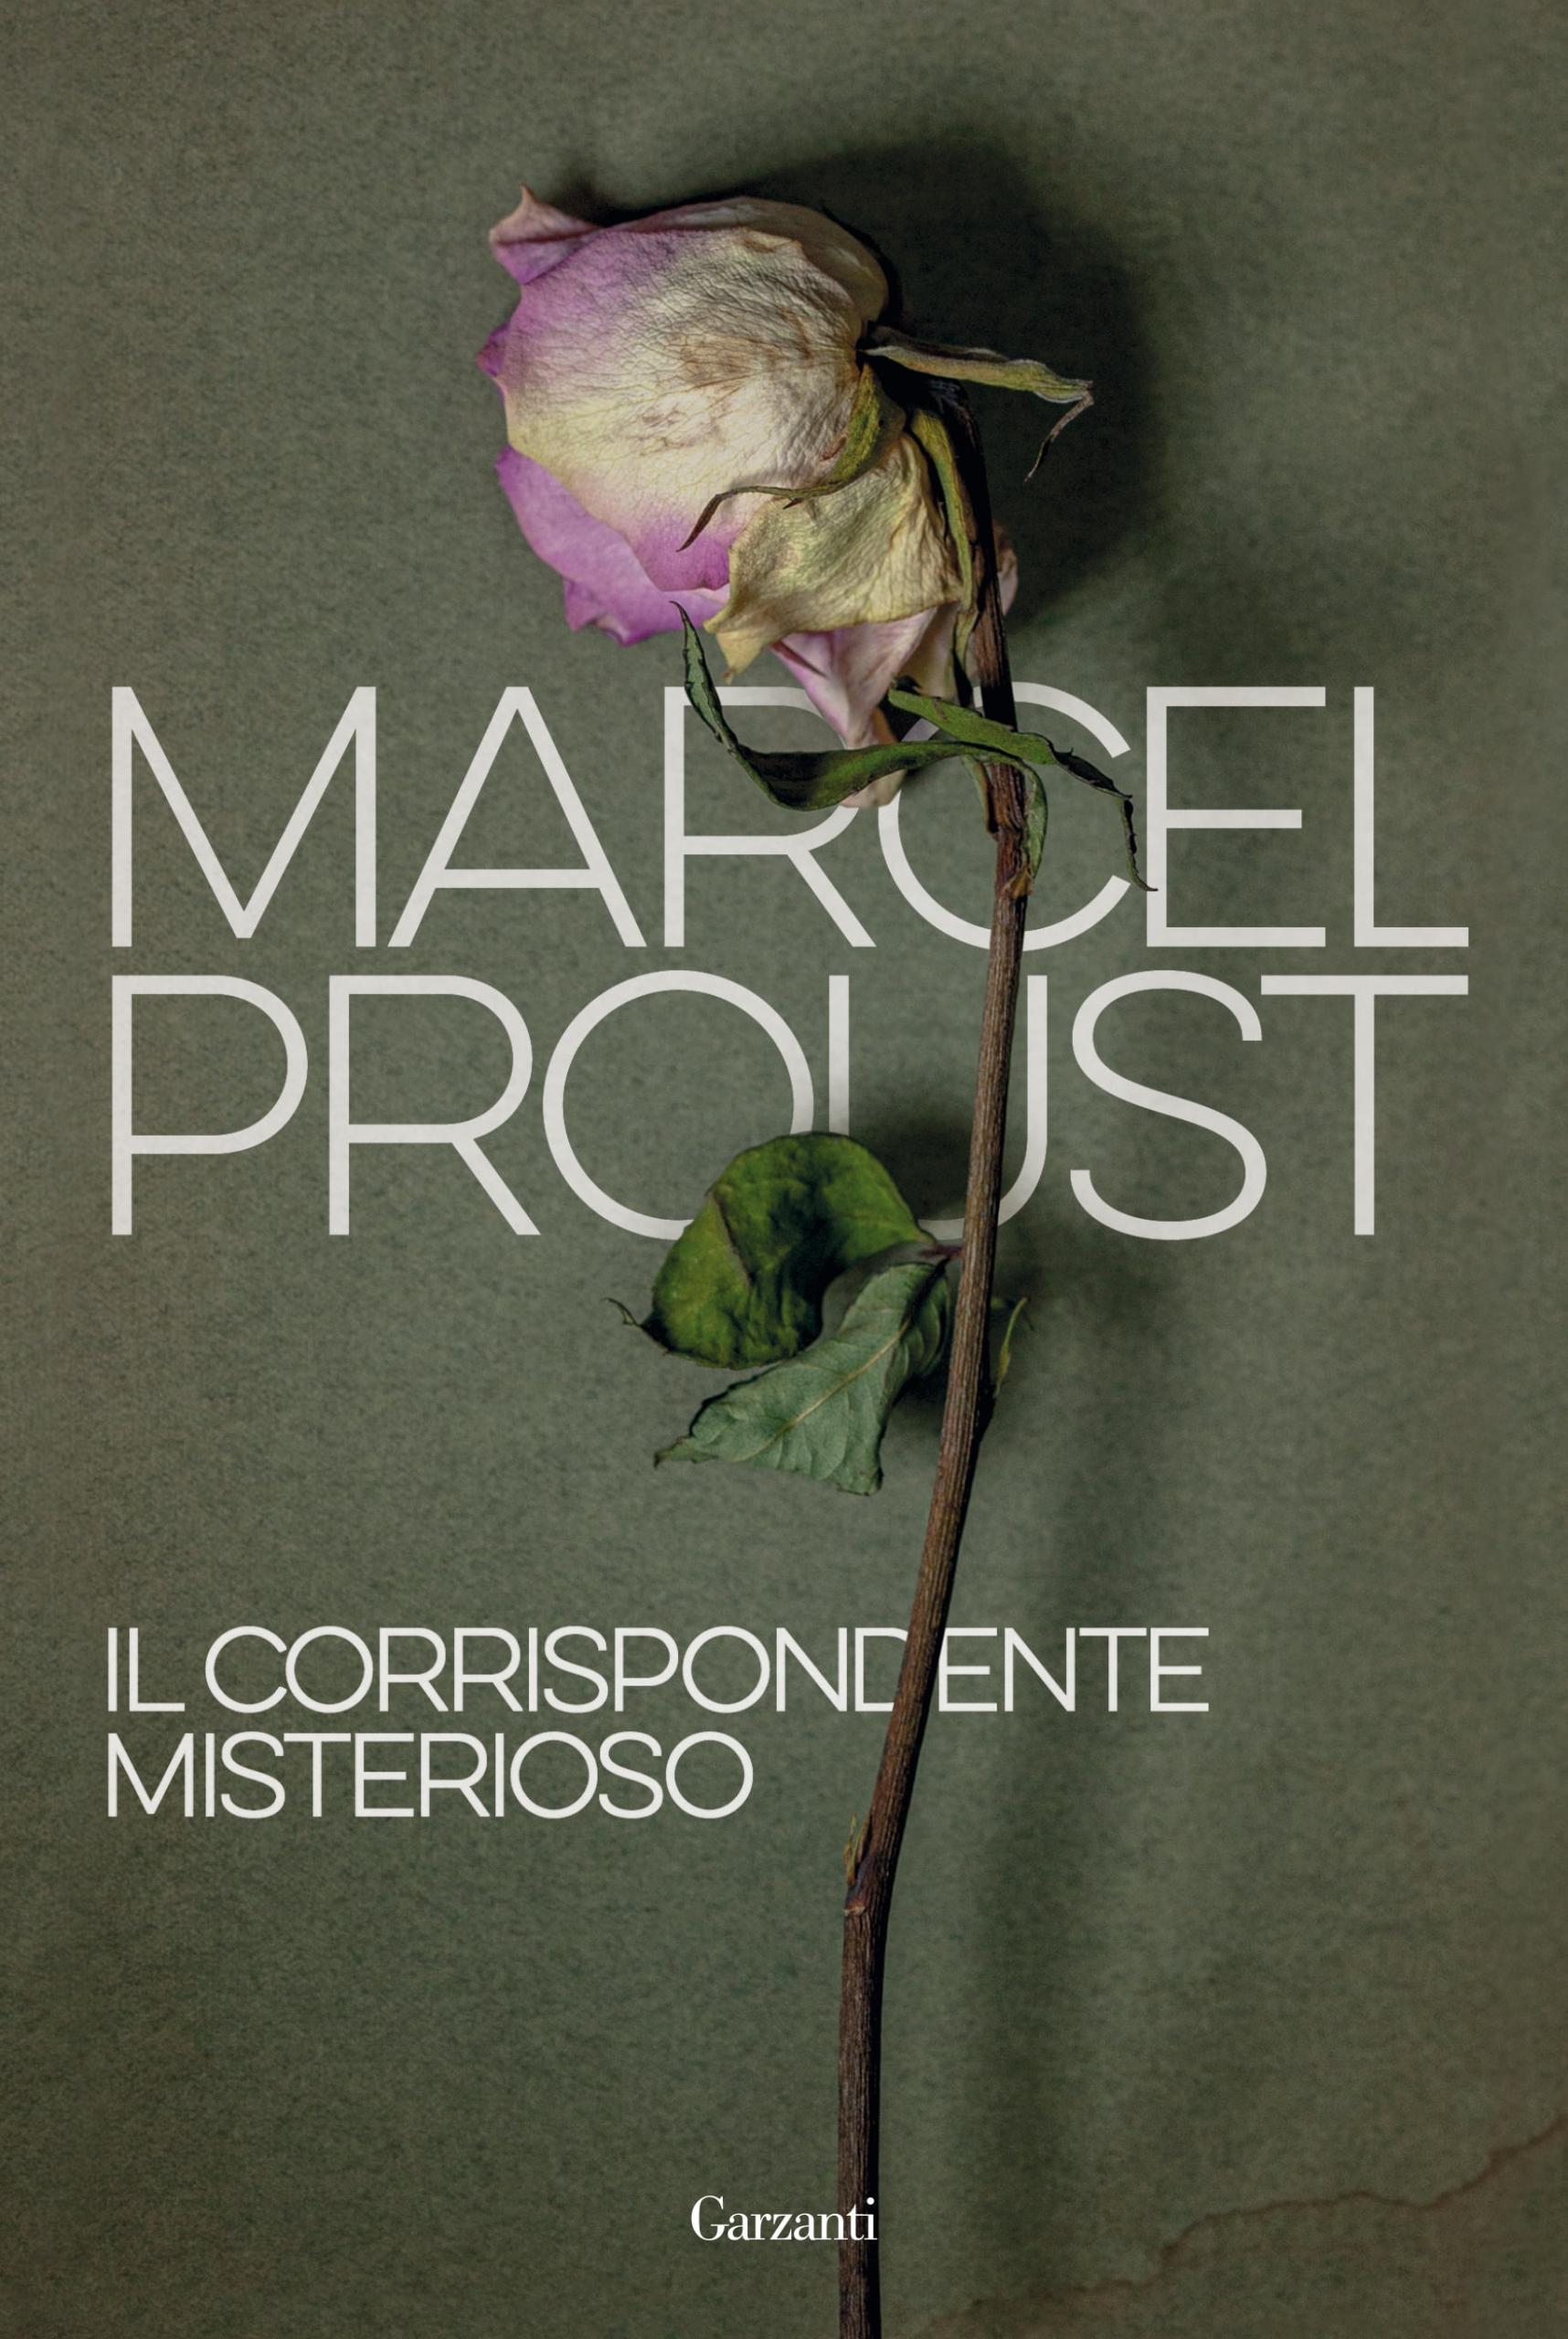 Copertina del libro Il corrispondente misterioso di Marcel Proust